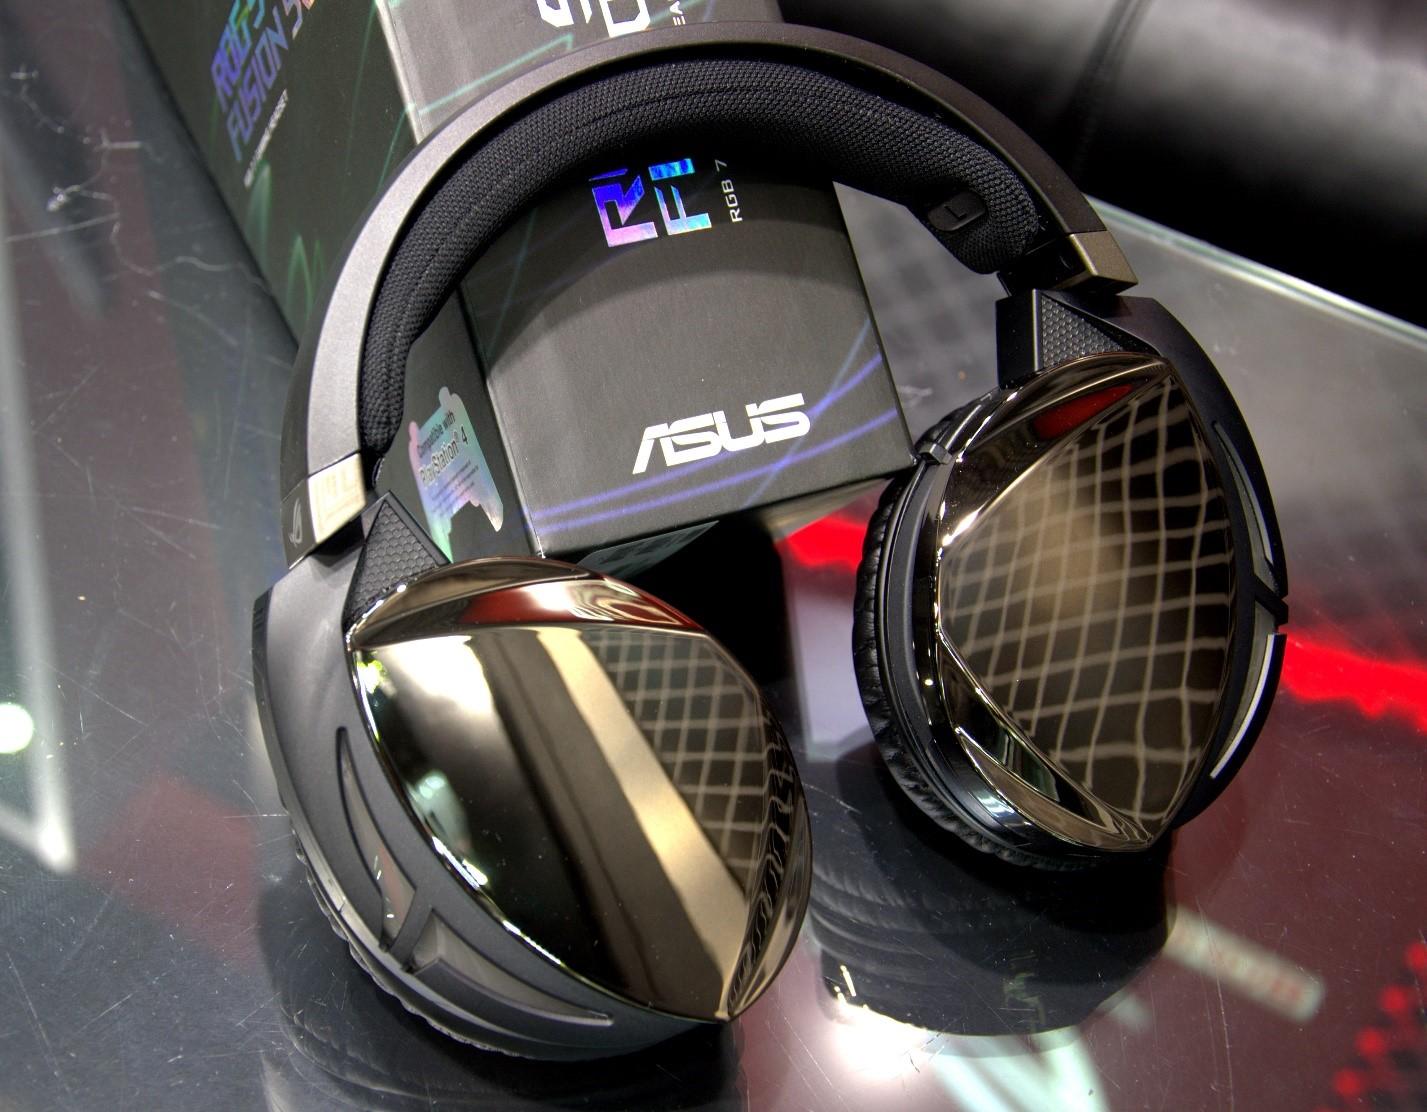 Игровая гарнитура ROG Strix Fusion 500 внешний вид гарнитуры